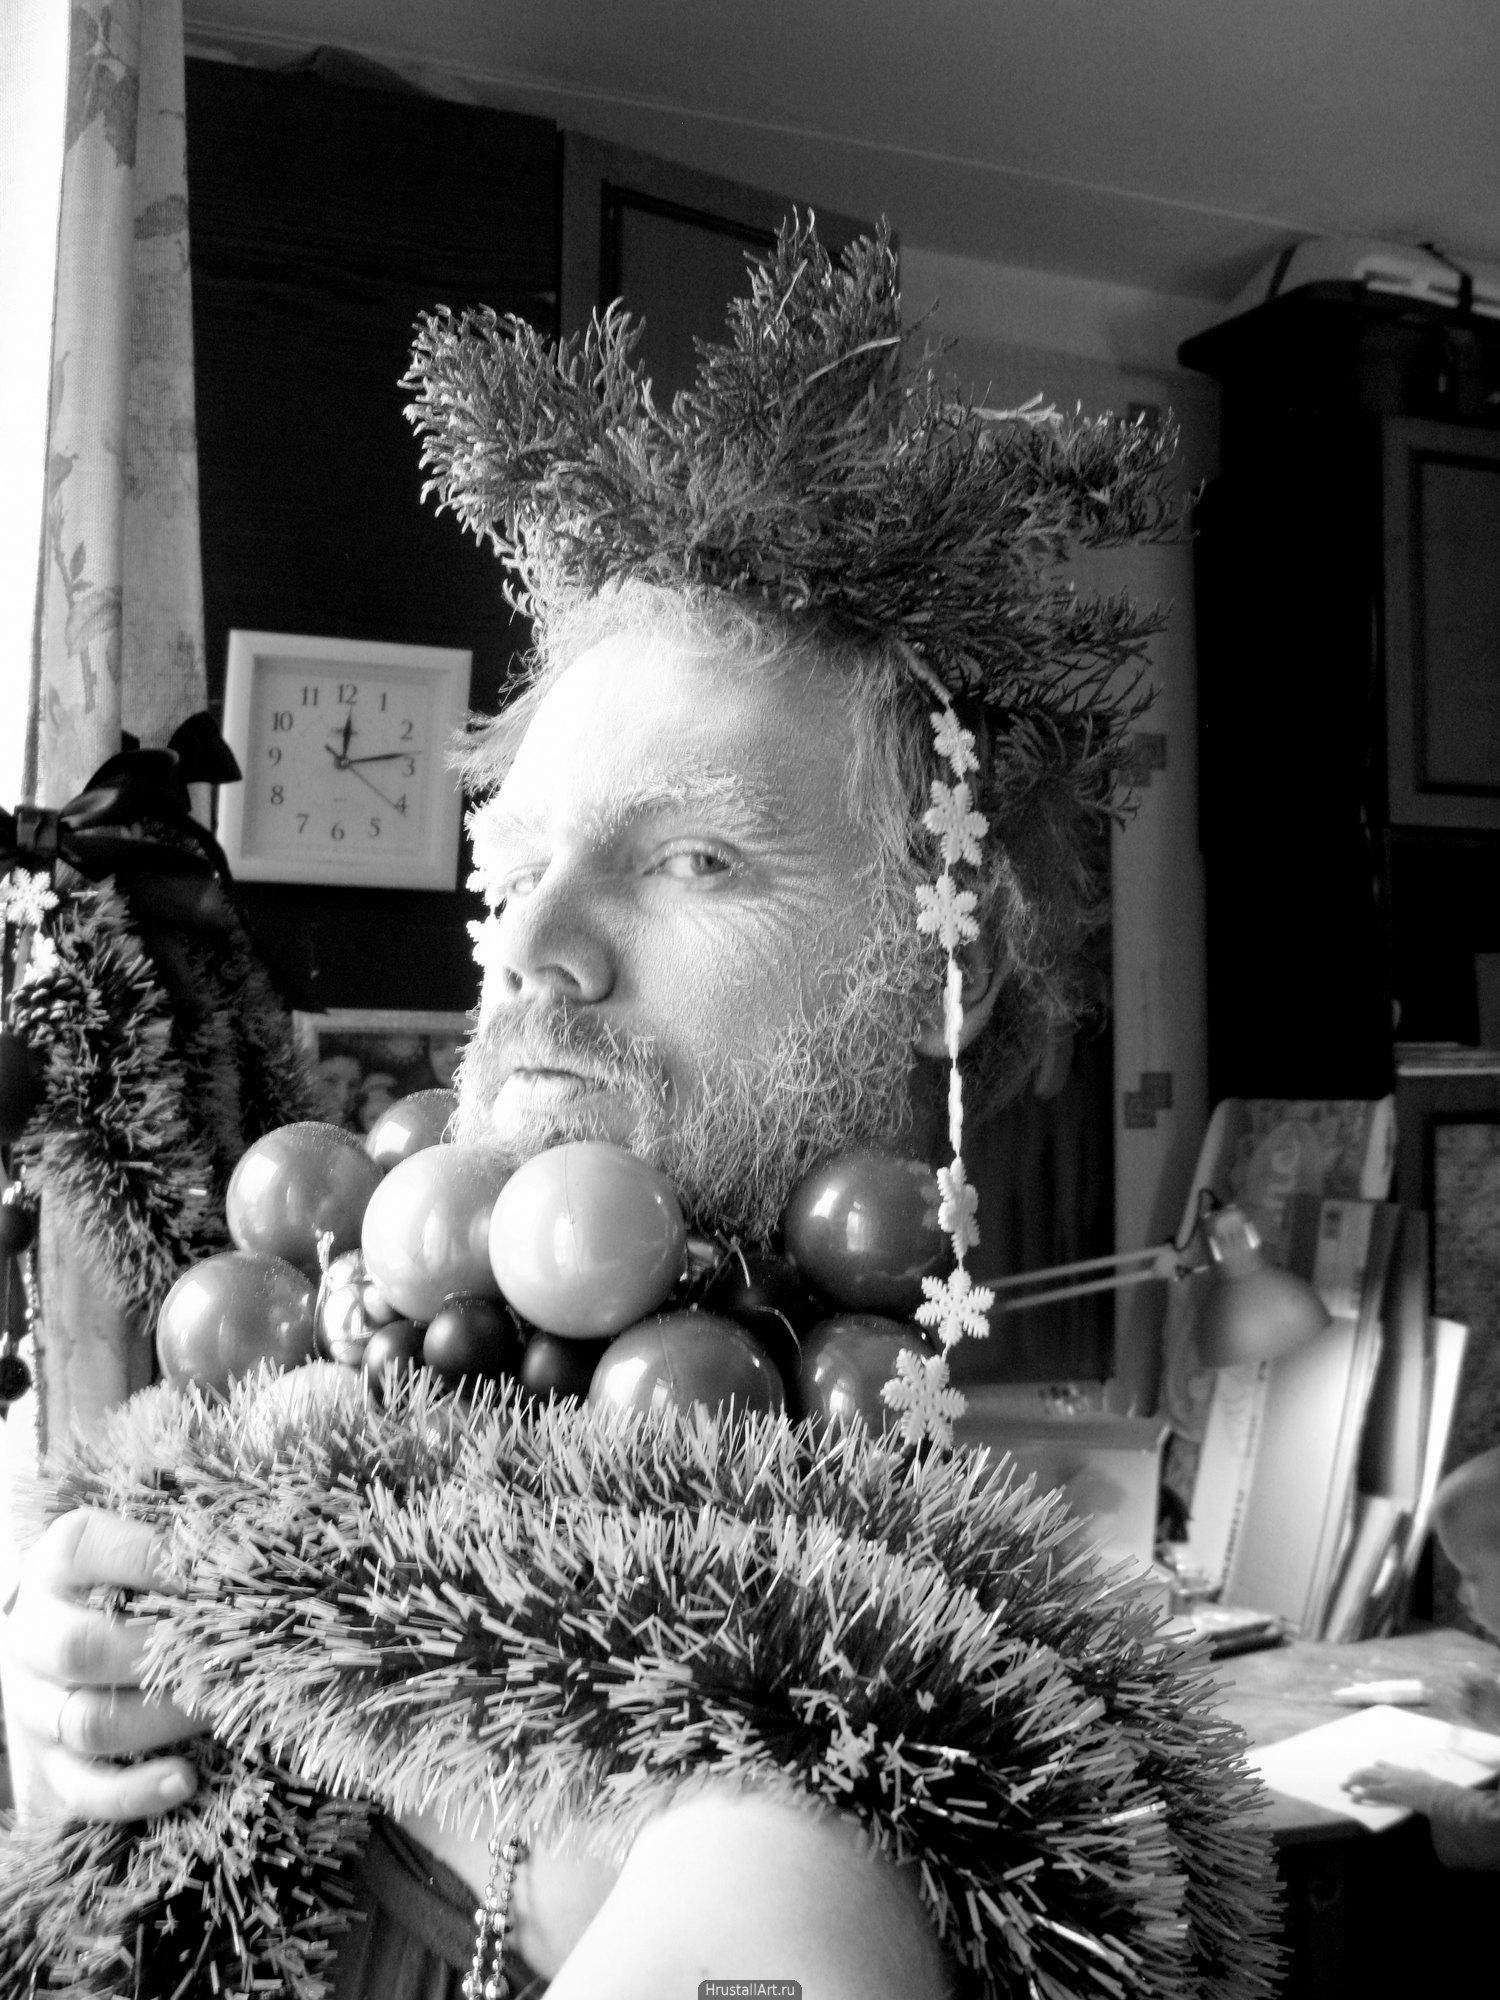 Фотография, ироничный и нелепый костюм из новогодней мишуры на мужчине. Дмитрий Хрусталёв-Григорьев, hrustall.